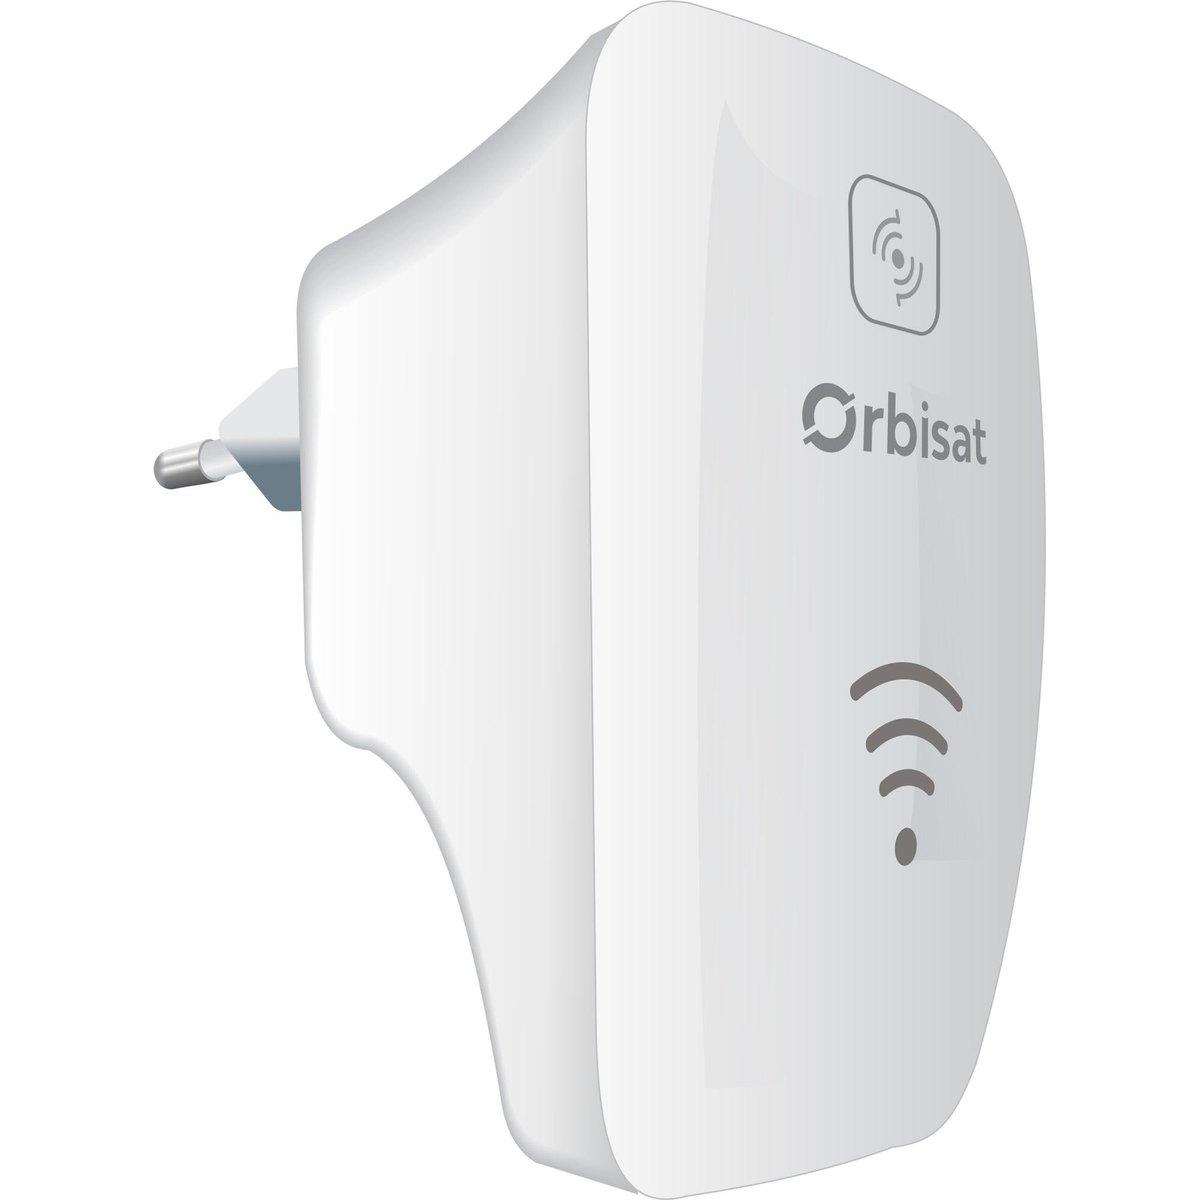 Repetidor Wi-Fi Orbisat Owi-Rp300n Bivolt Automático 300Mbps 2.4 ghz Branco.  Compre agora em nossa loja online Acesse: https://t.co/q4fI6aPPU3  Redes Sociais: @vendasbrasilsr  #informatica #repetidorsinal #repetidorwifi #novidades #lojaonline #compreagora #vemconferir #loja https://t.co/5SvFsm8f2F